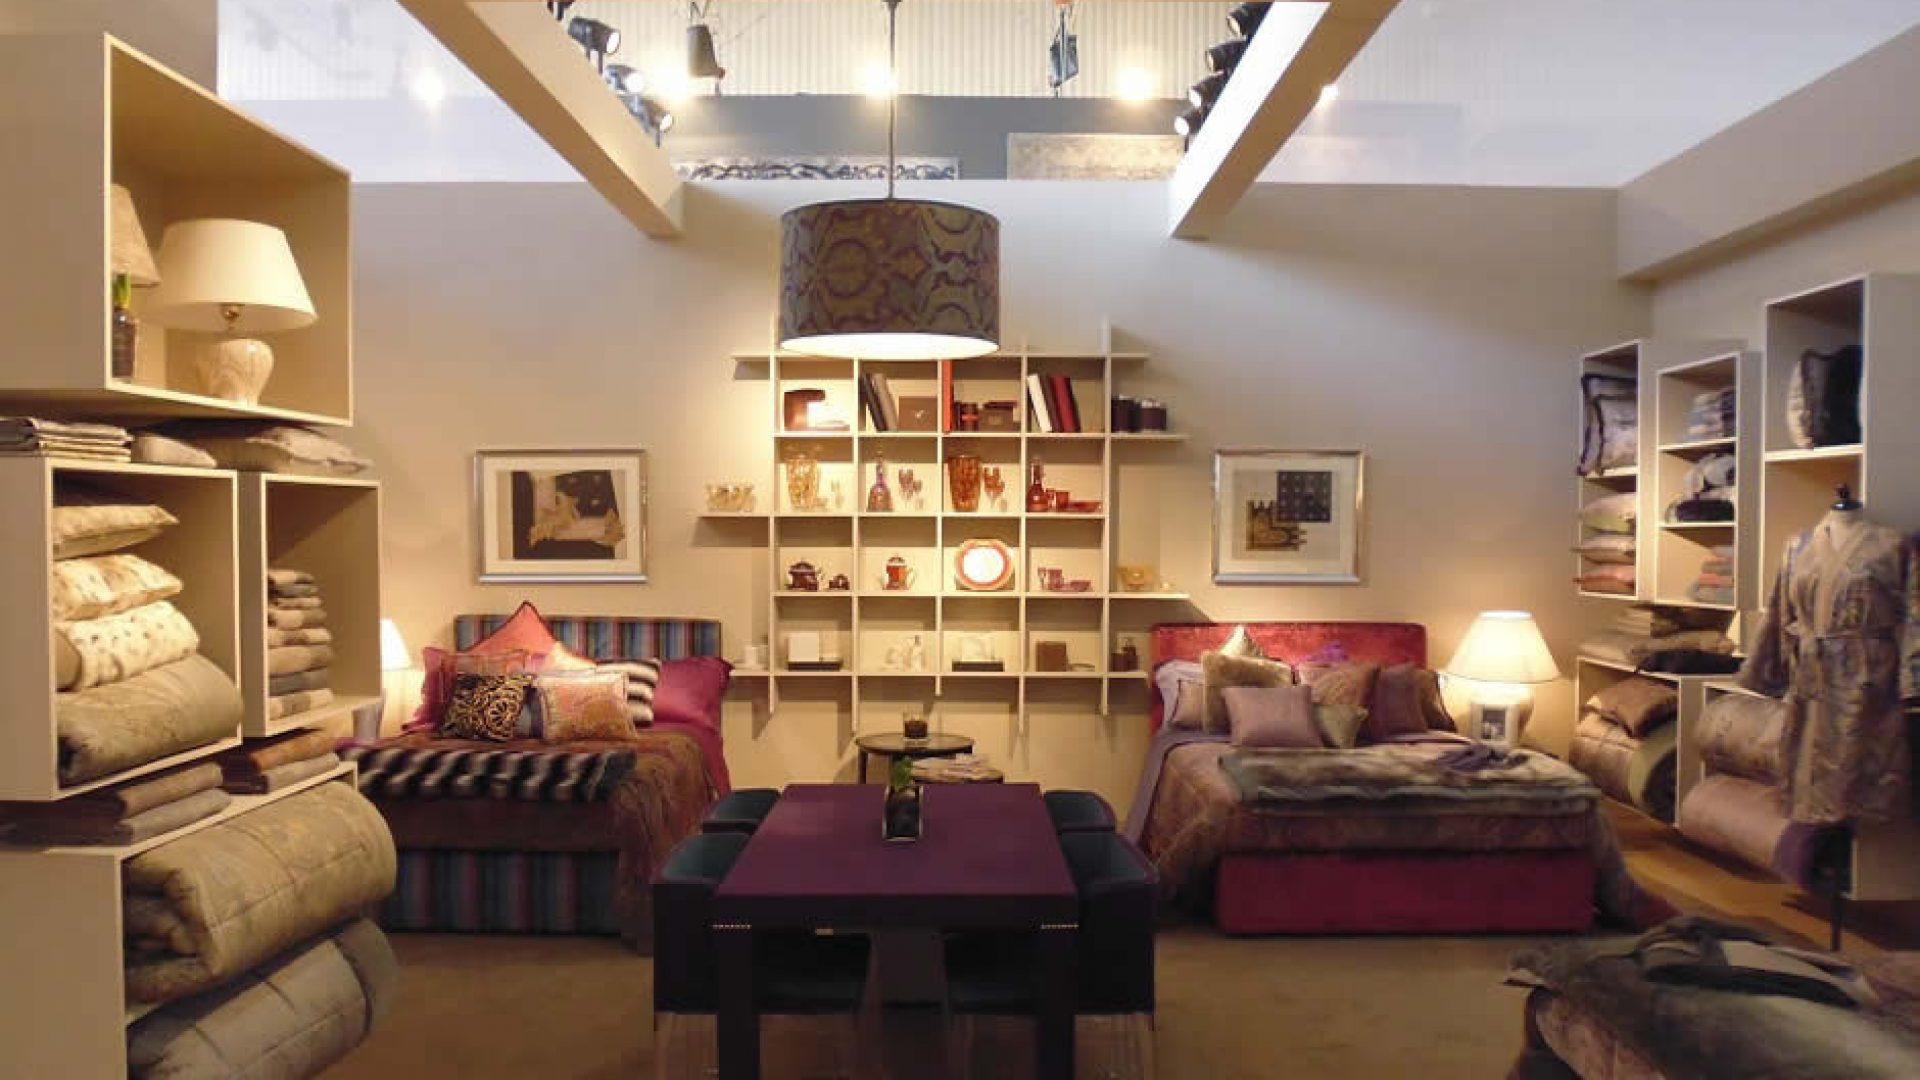 Etro - Accurata razionalizzazione degli spazi per un'esposizione essenziale ma d'impatto   - by Artes Group International